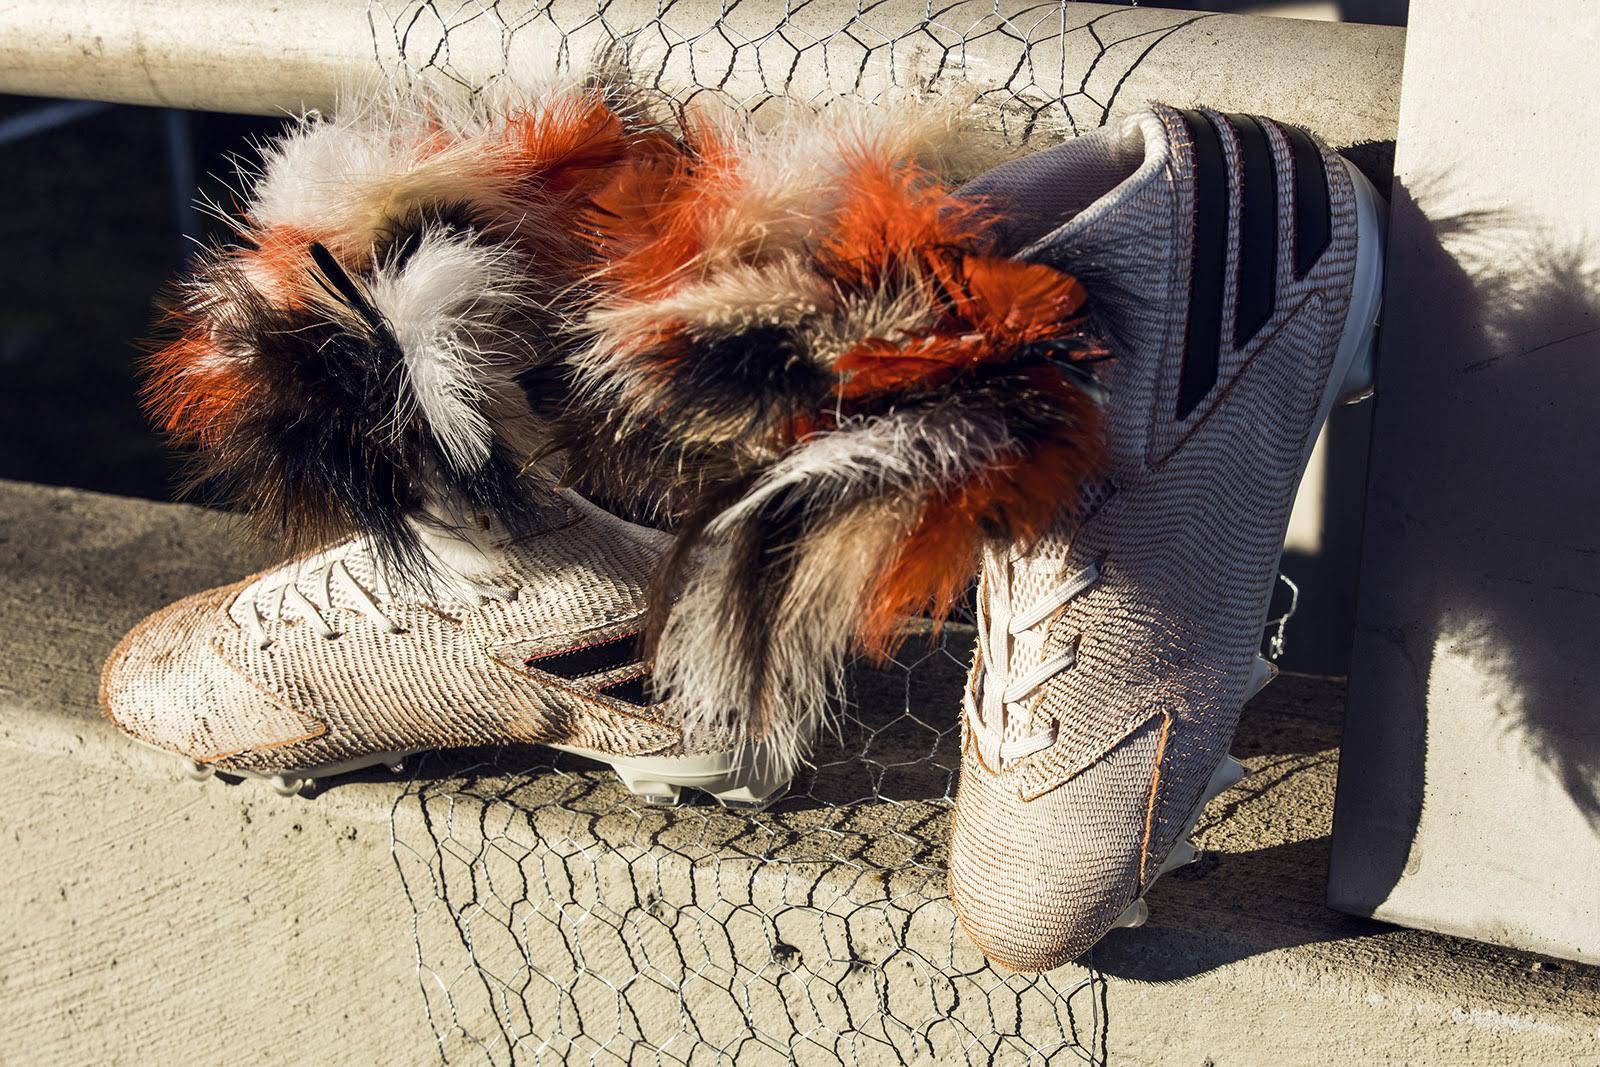 Von Miller Chicken Feather Cleats (2)